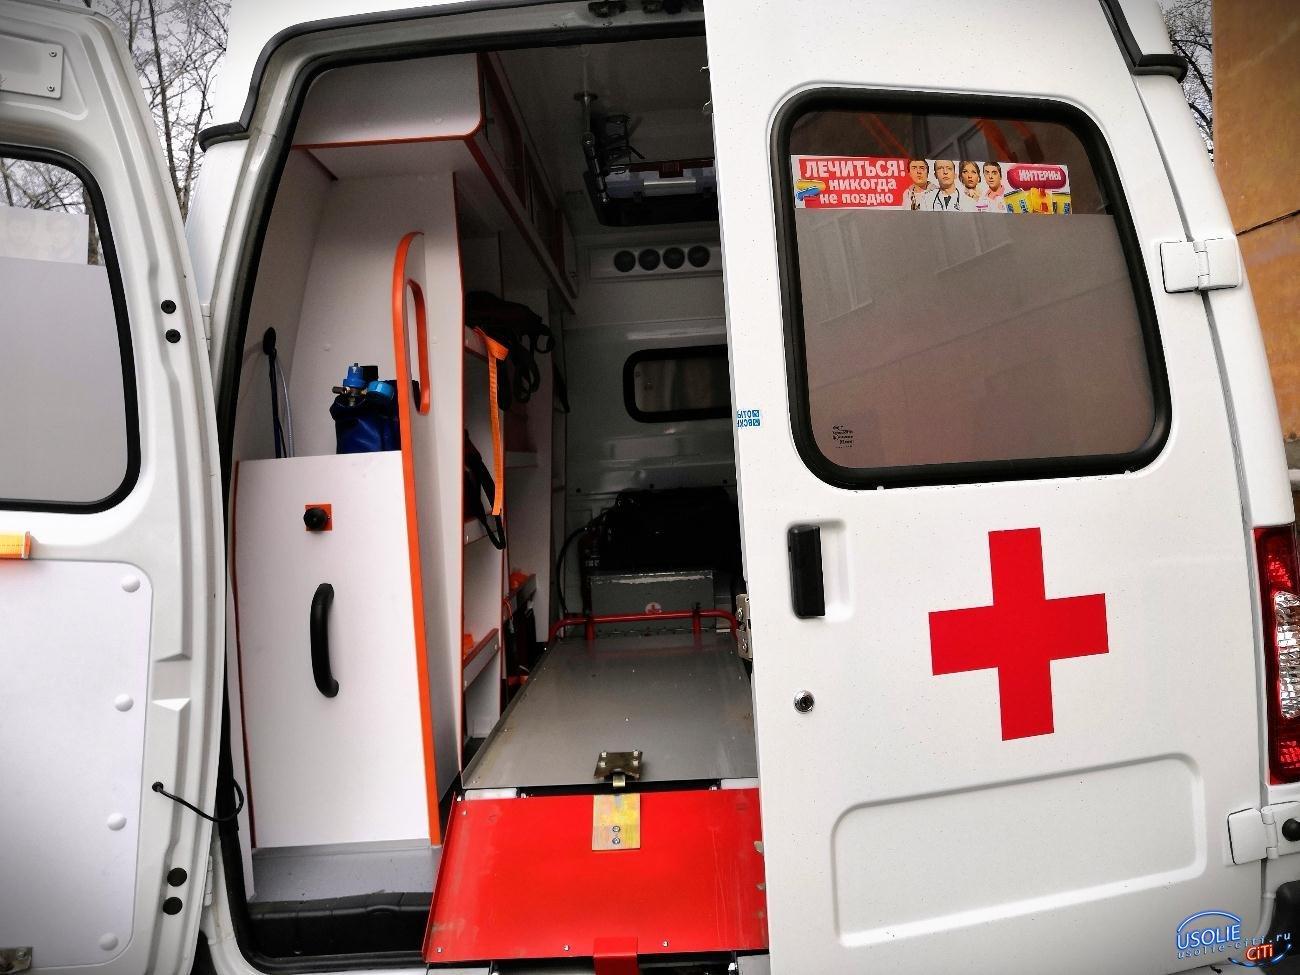 Житель Усолья выпал из окна, очнулся в больнице